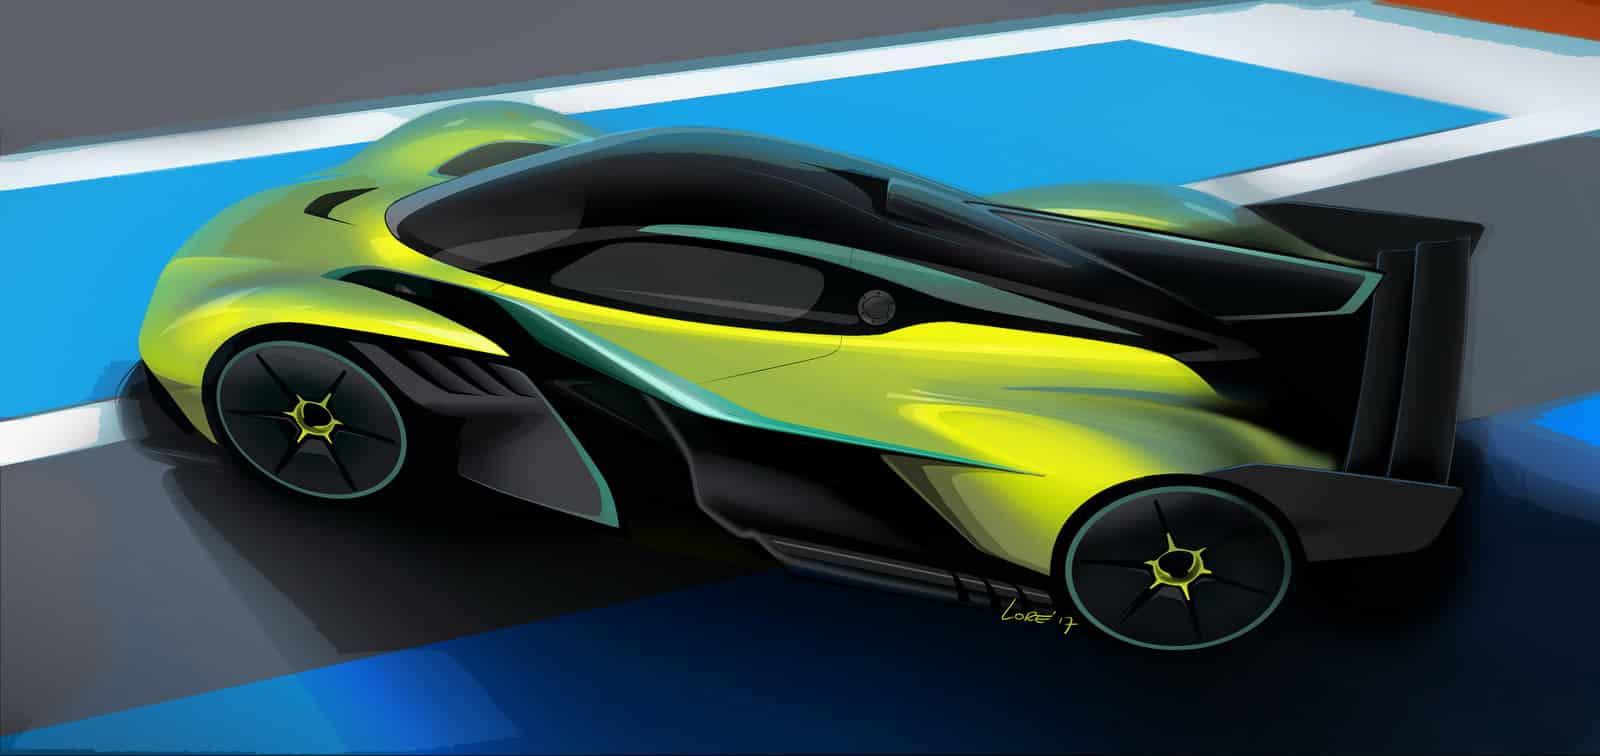 Así es el Aston Martin Valkyrie AMR Pro: ¡Una versión más radical nacida por y para el circuito!